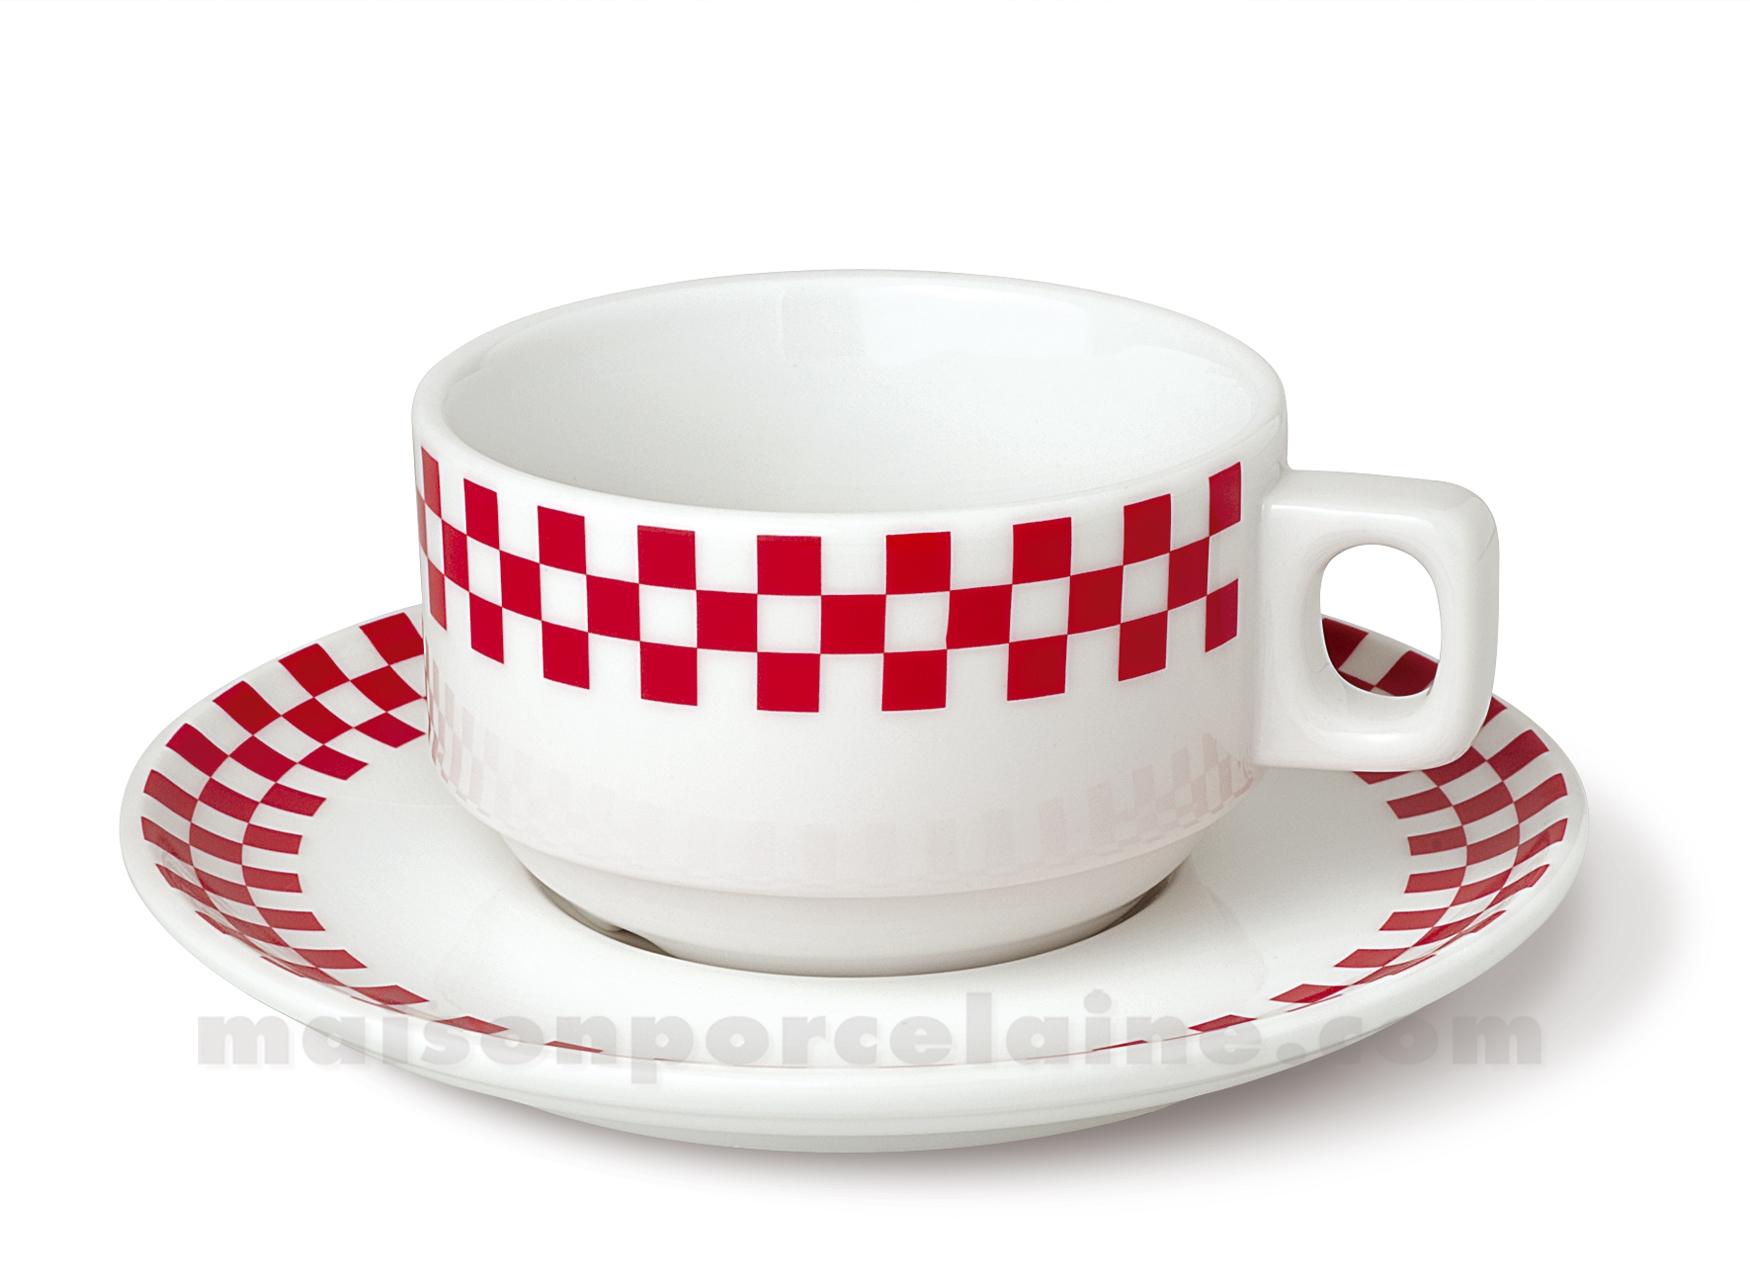 Tasse dejeuner empilable soucoupe bistro 30cl maison de la porcelaine - Maison de porcelaine ...